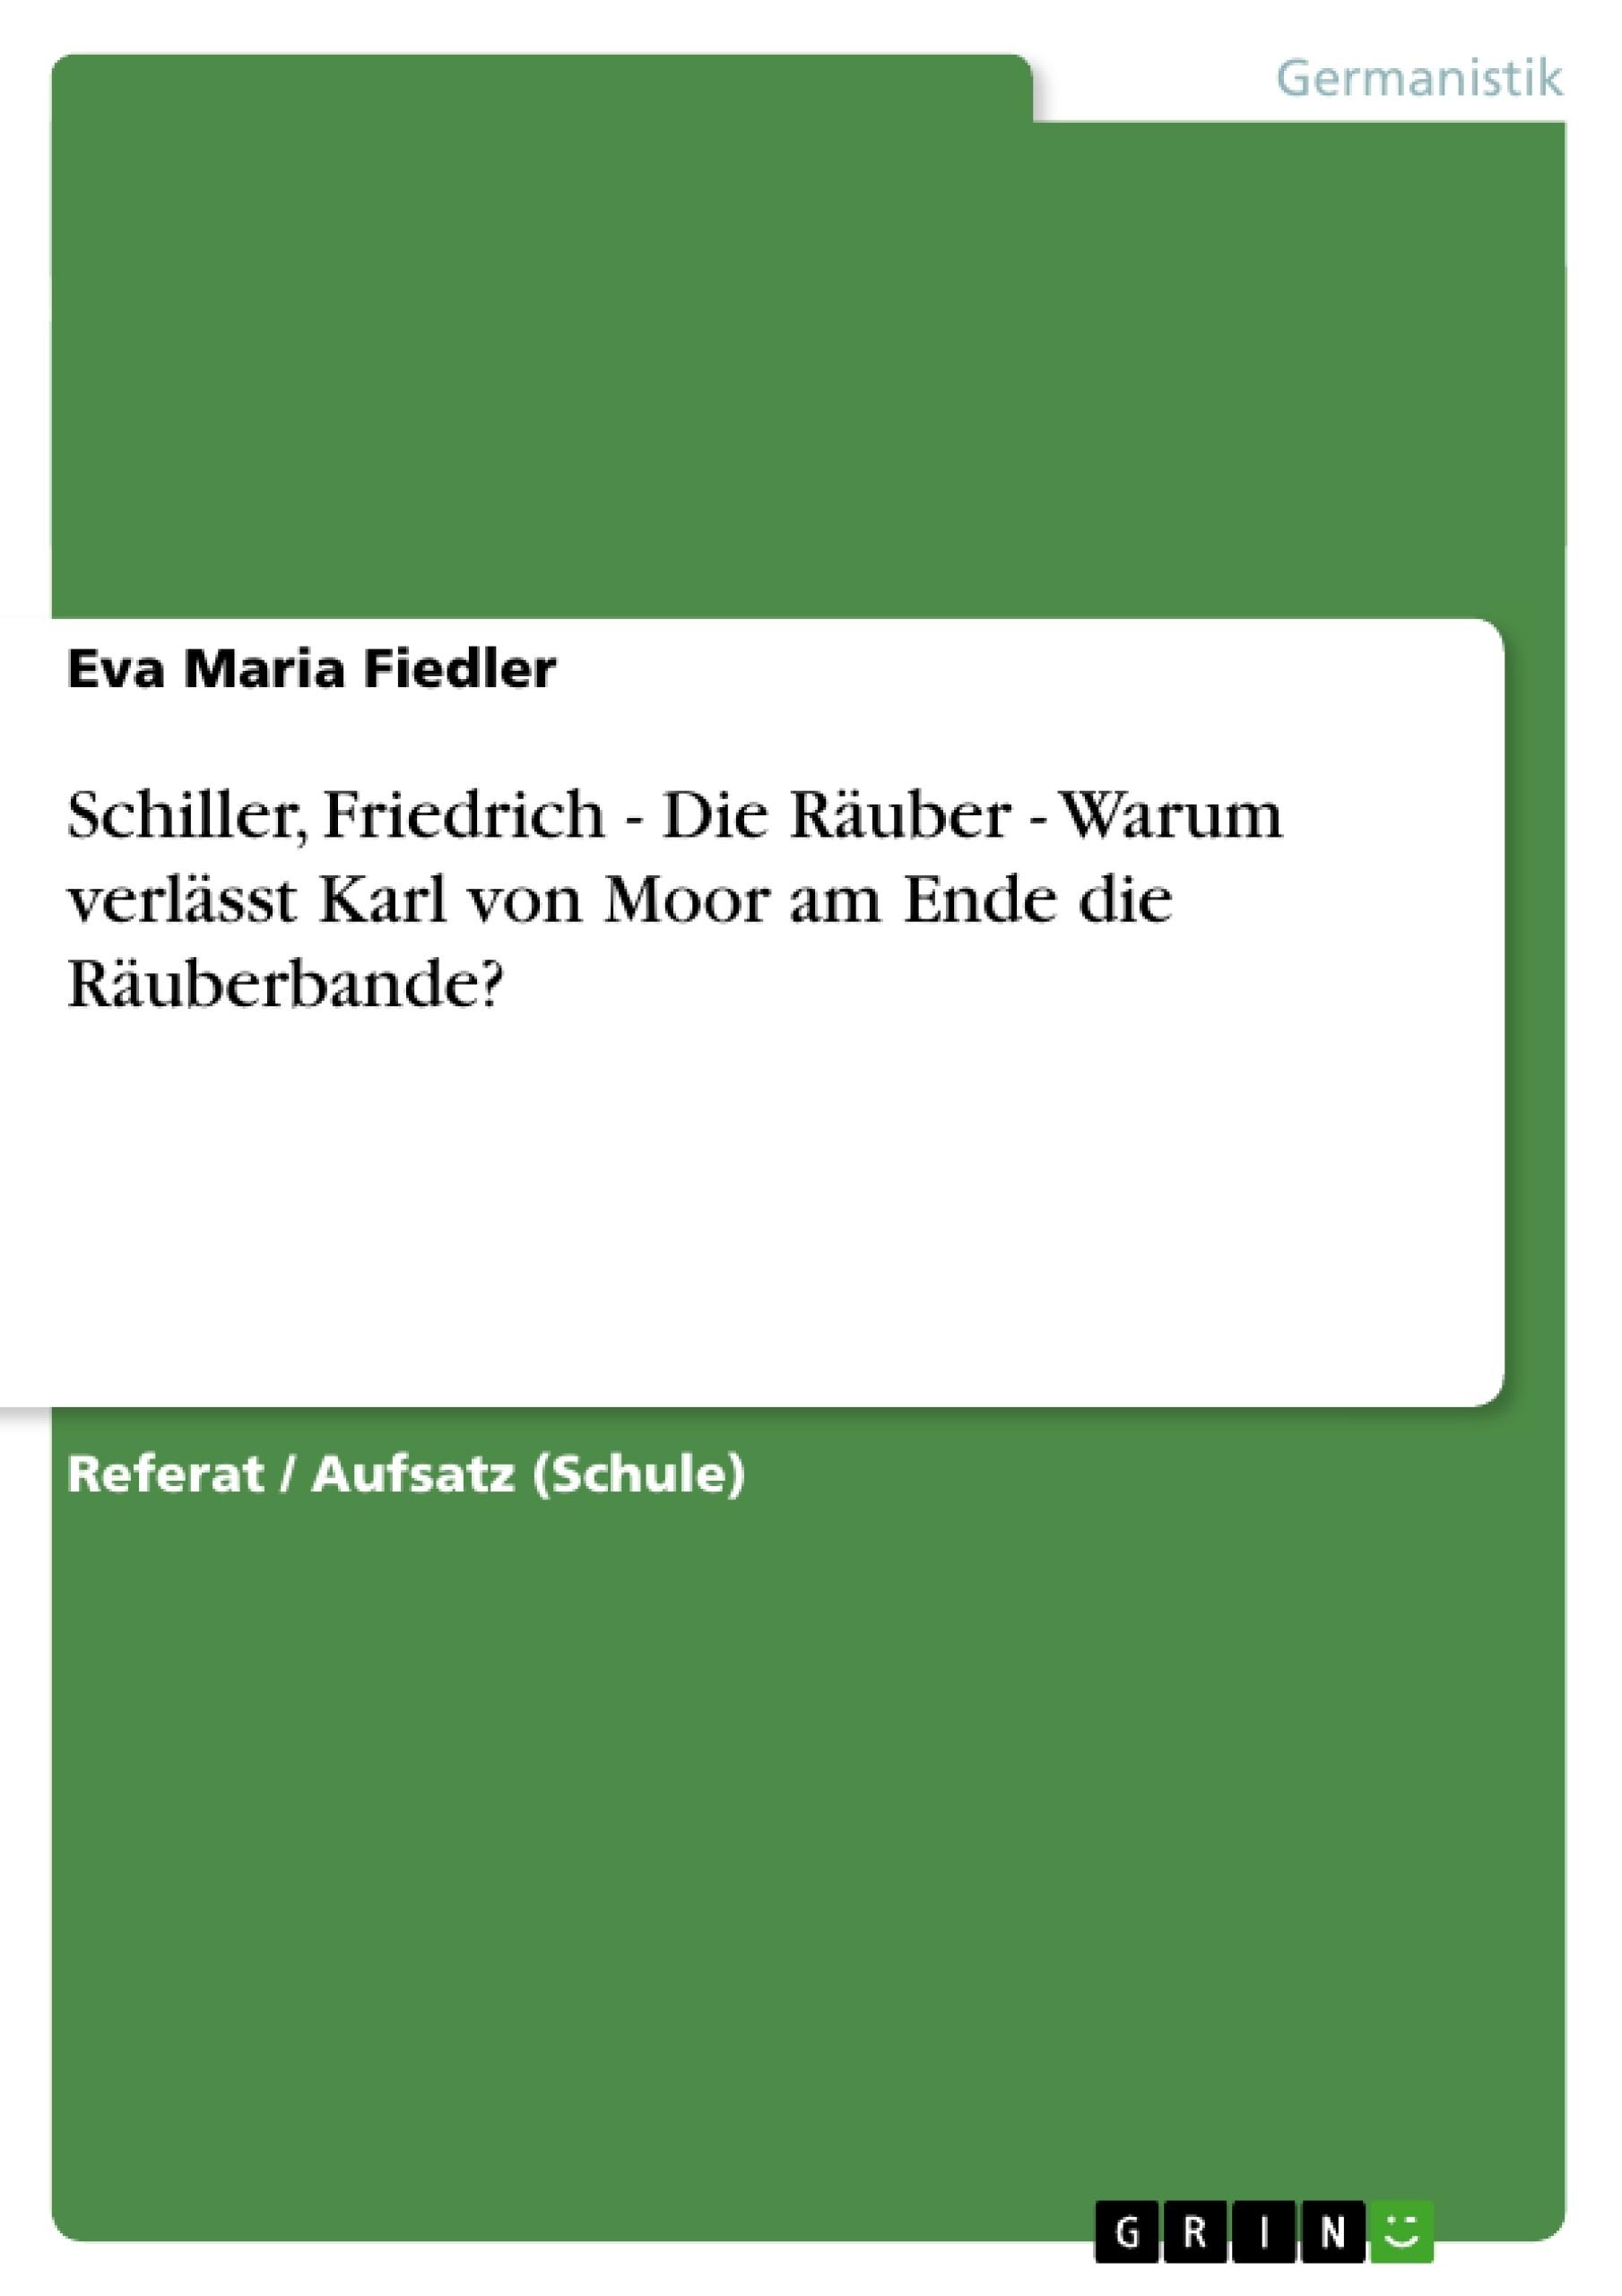 Titel: Schiller, Friedrich - Die Räuber - Warum verlässt Karl von Moor am Ende die Räuberbande?